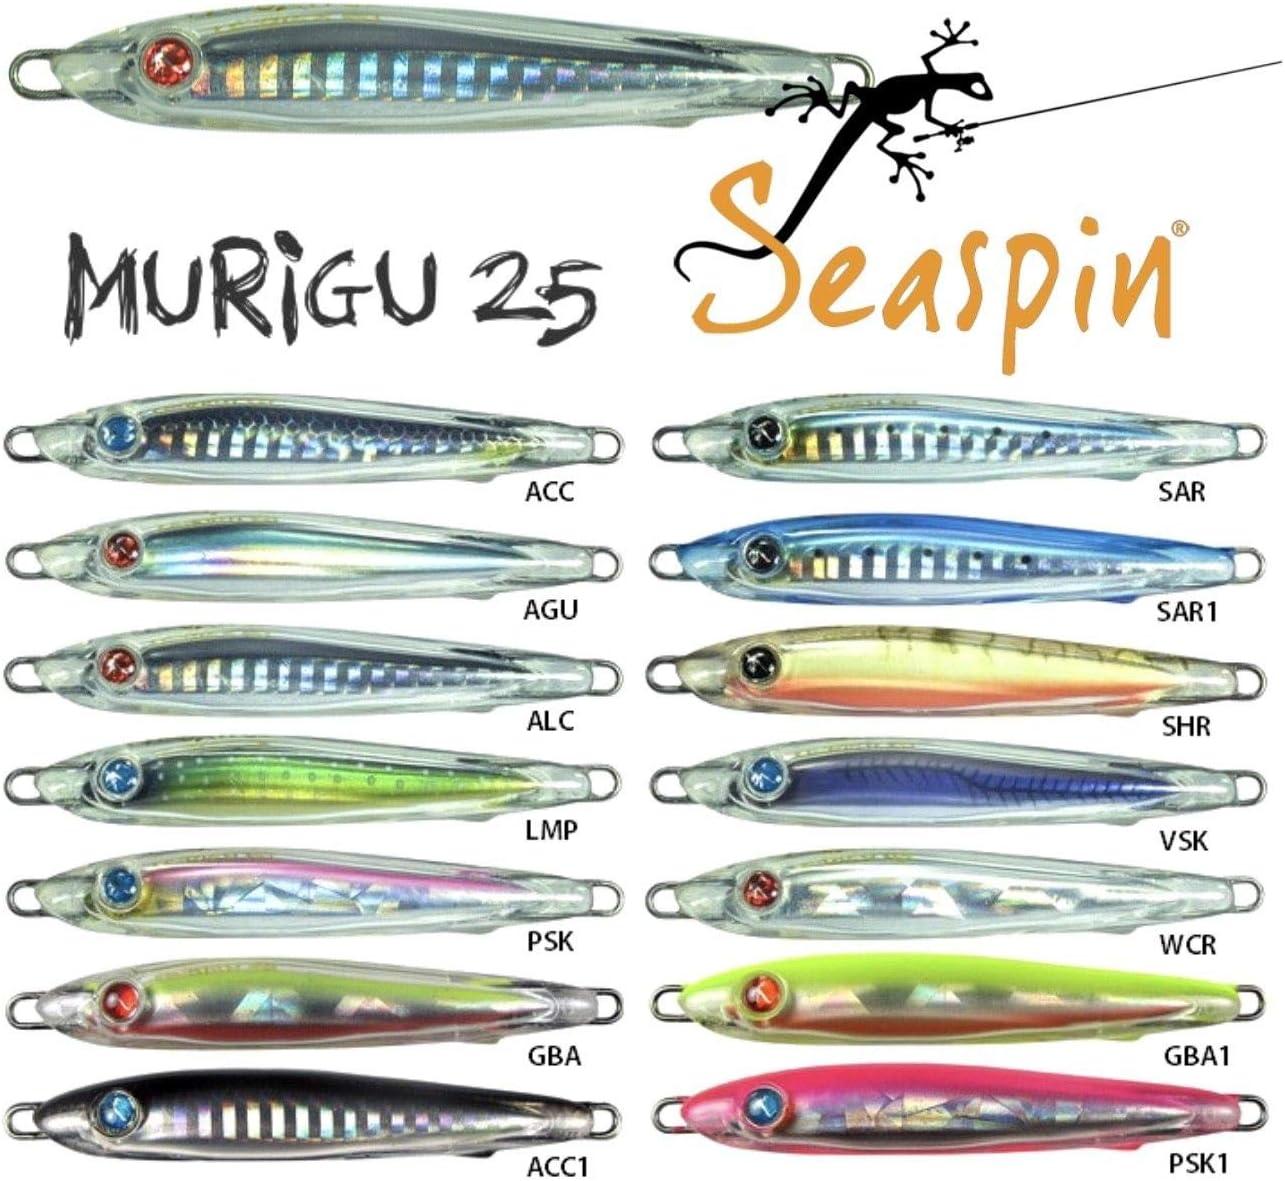 ARTIFICIALE SEASPIN MURIGU 25S 75mm 25g AGU JIG PER MANGIANZE TONNI PALAMITE